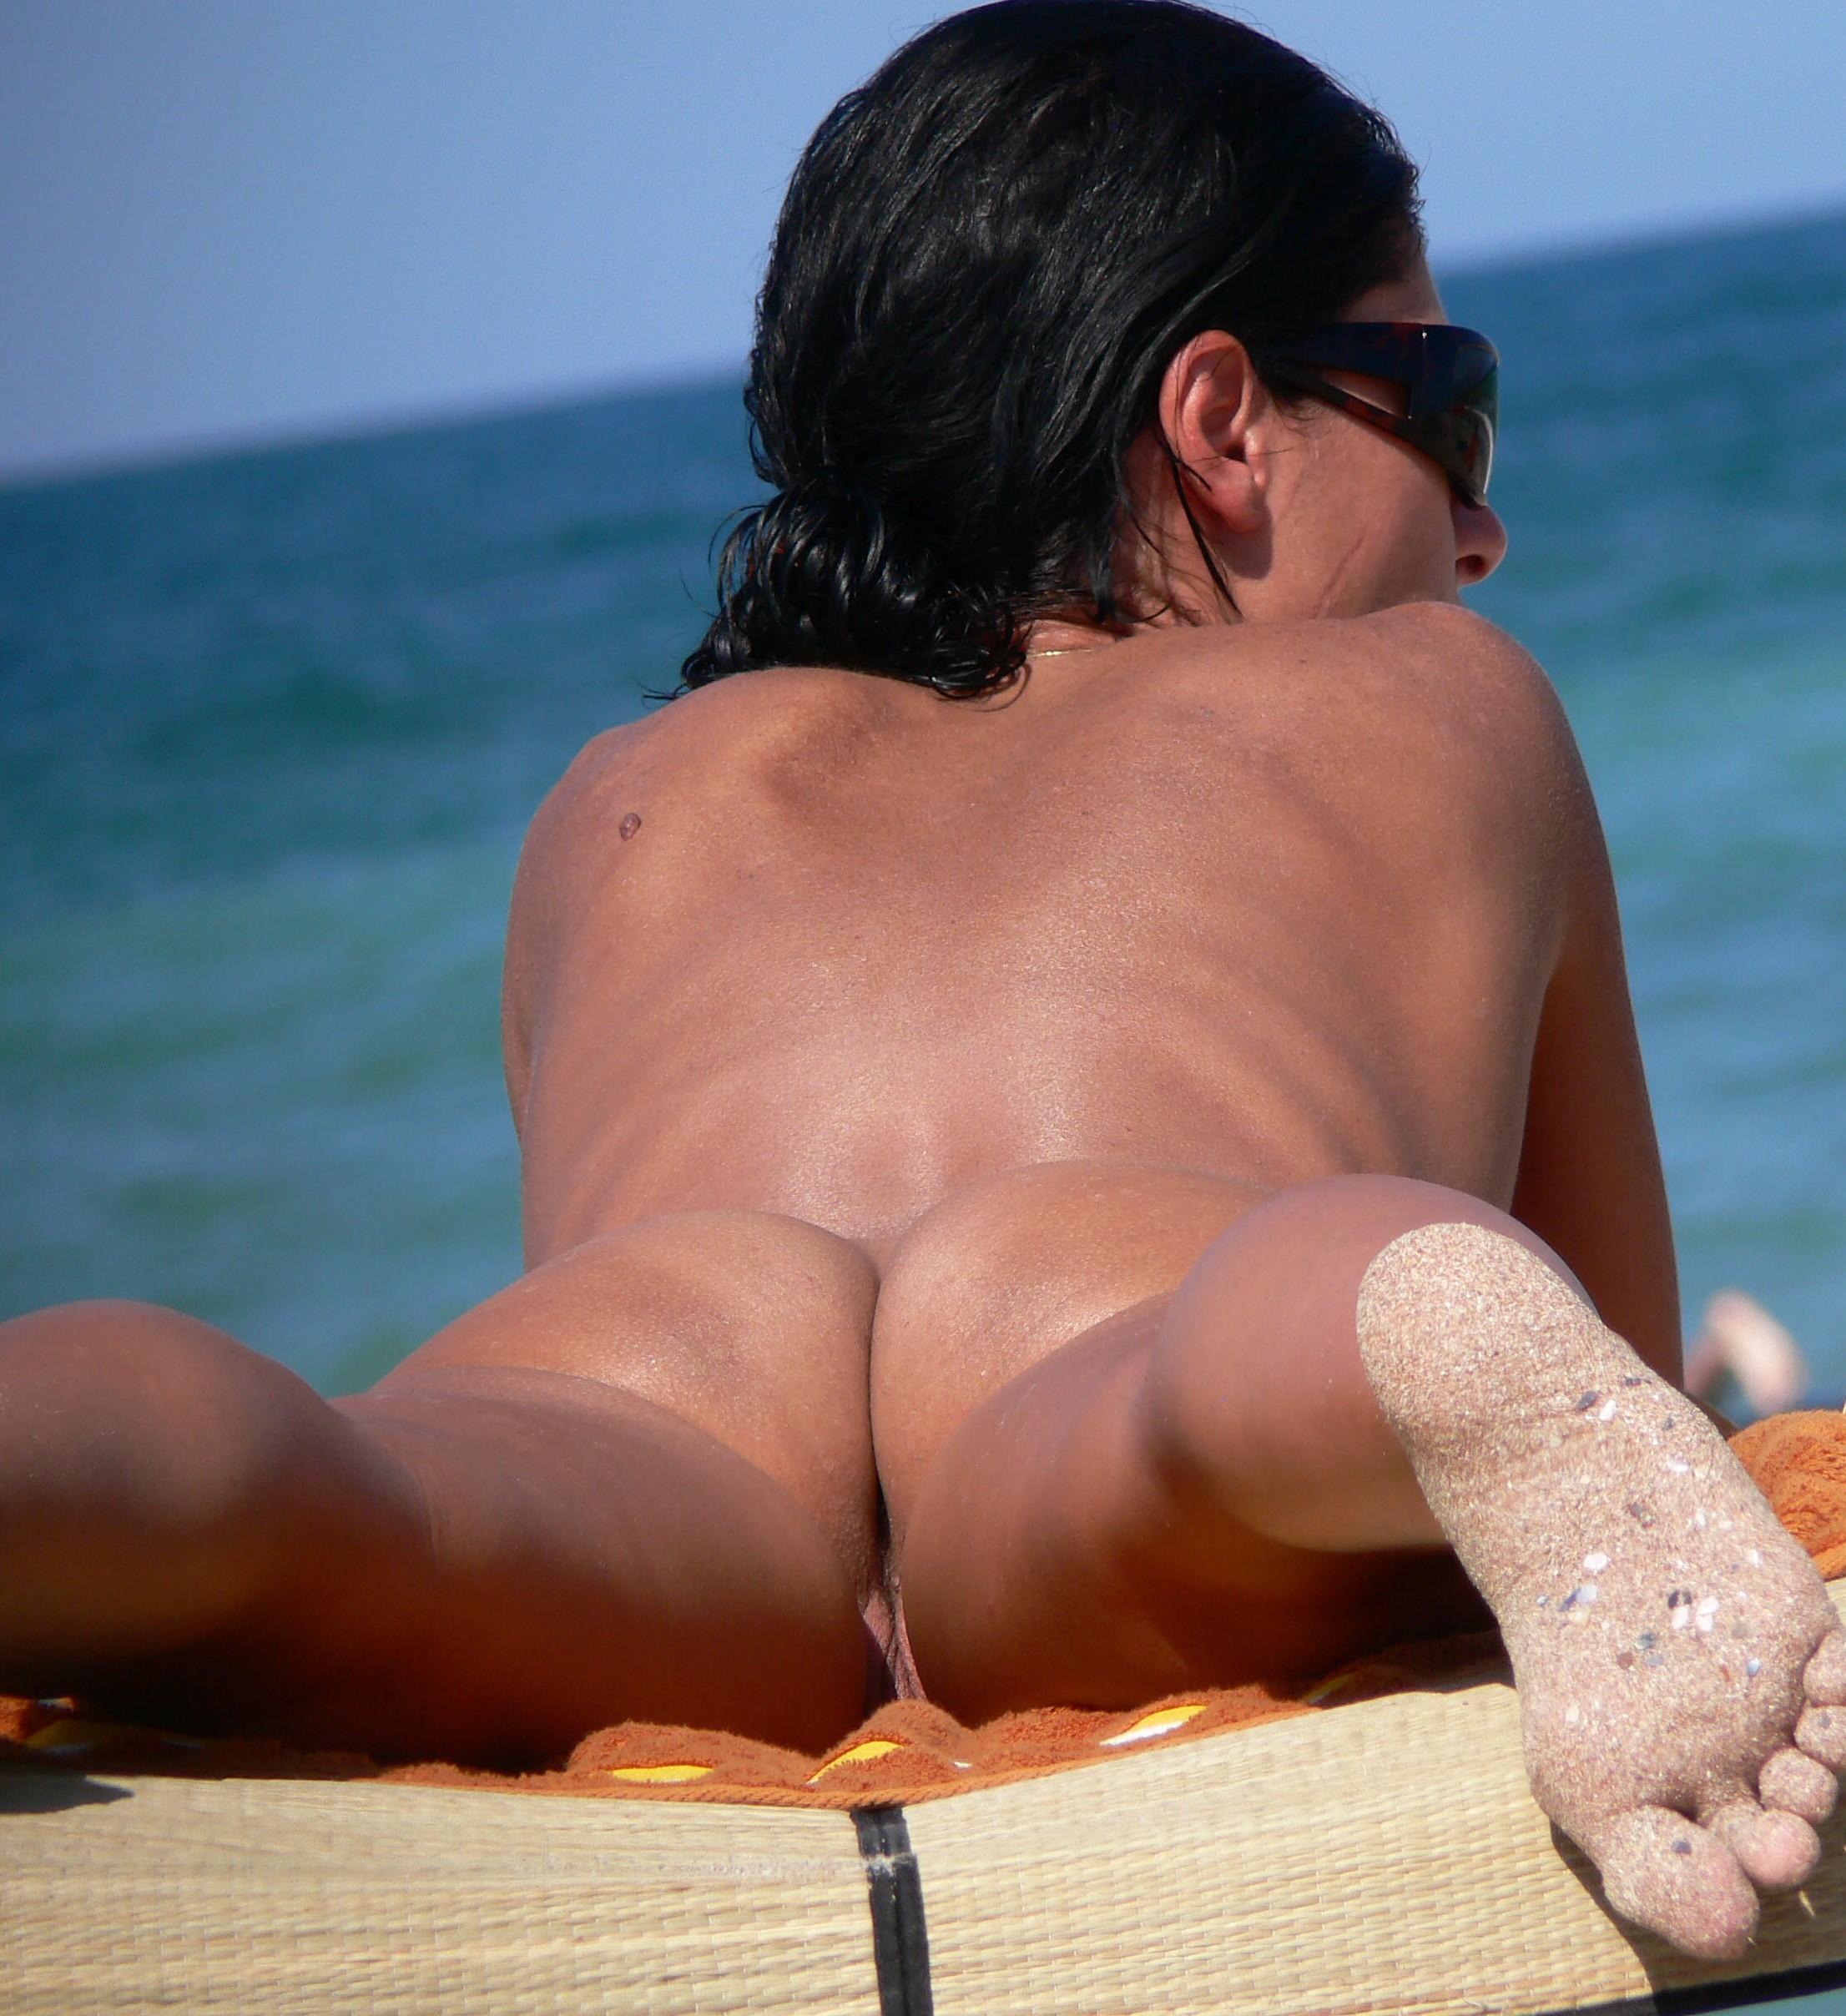 Sarah jane dias nude